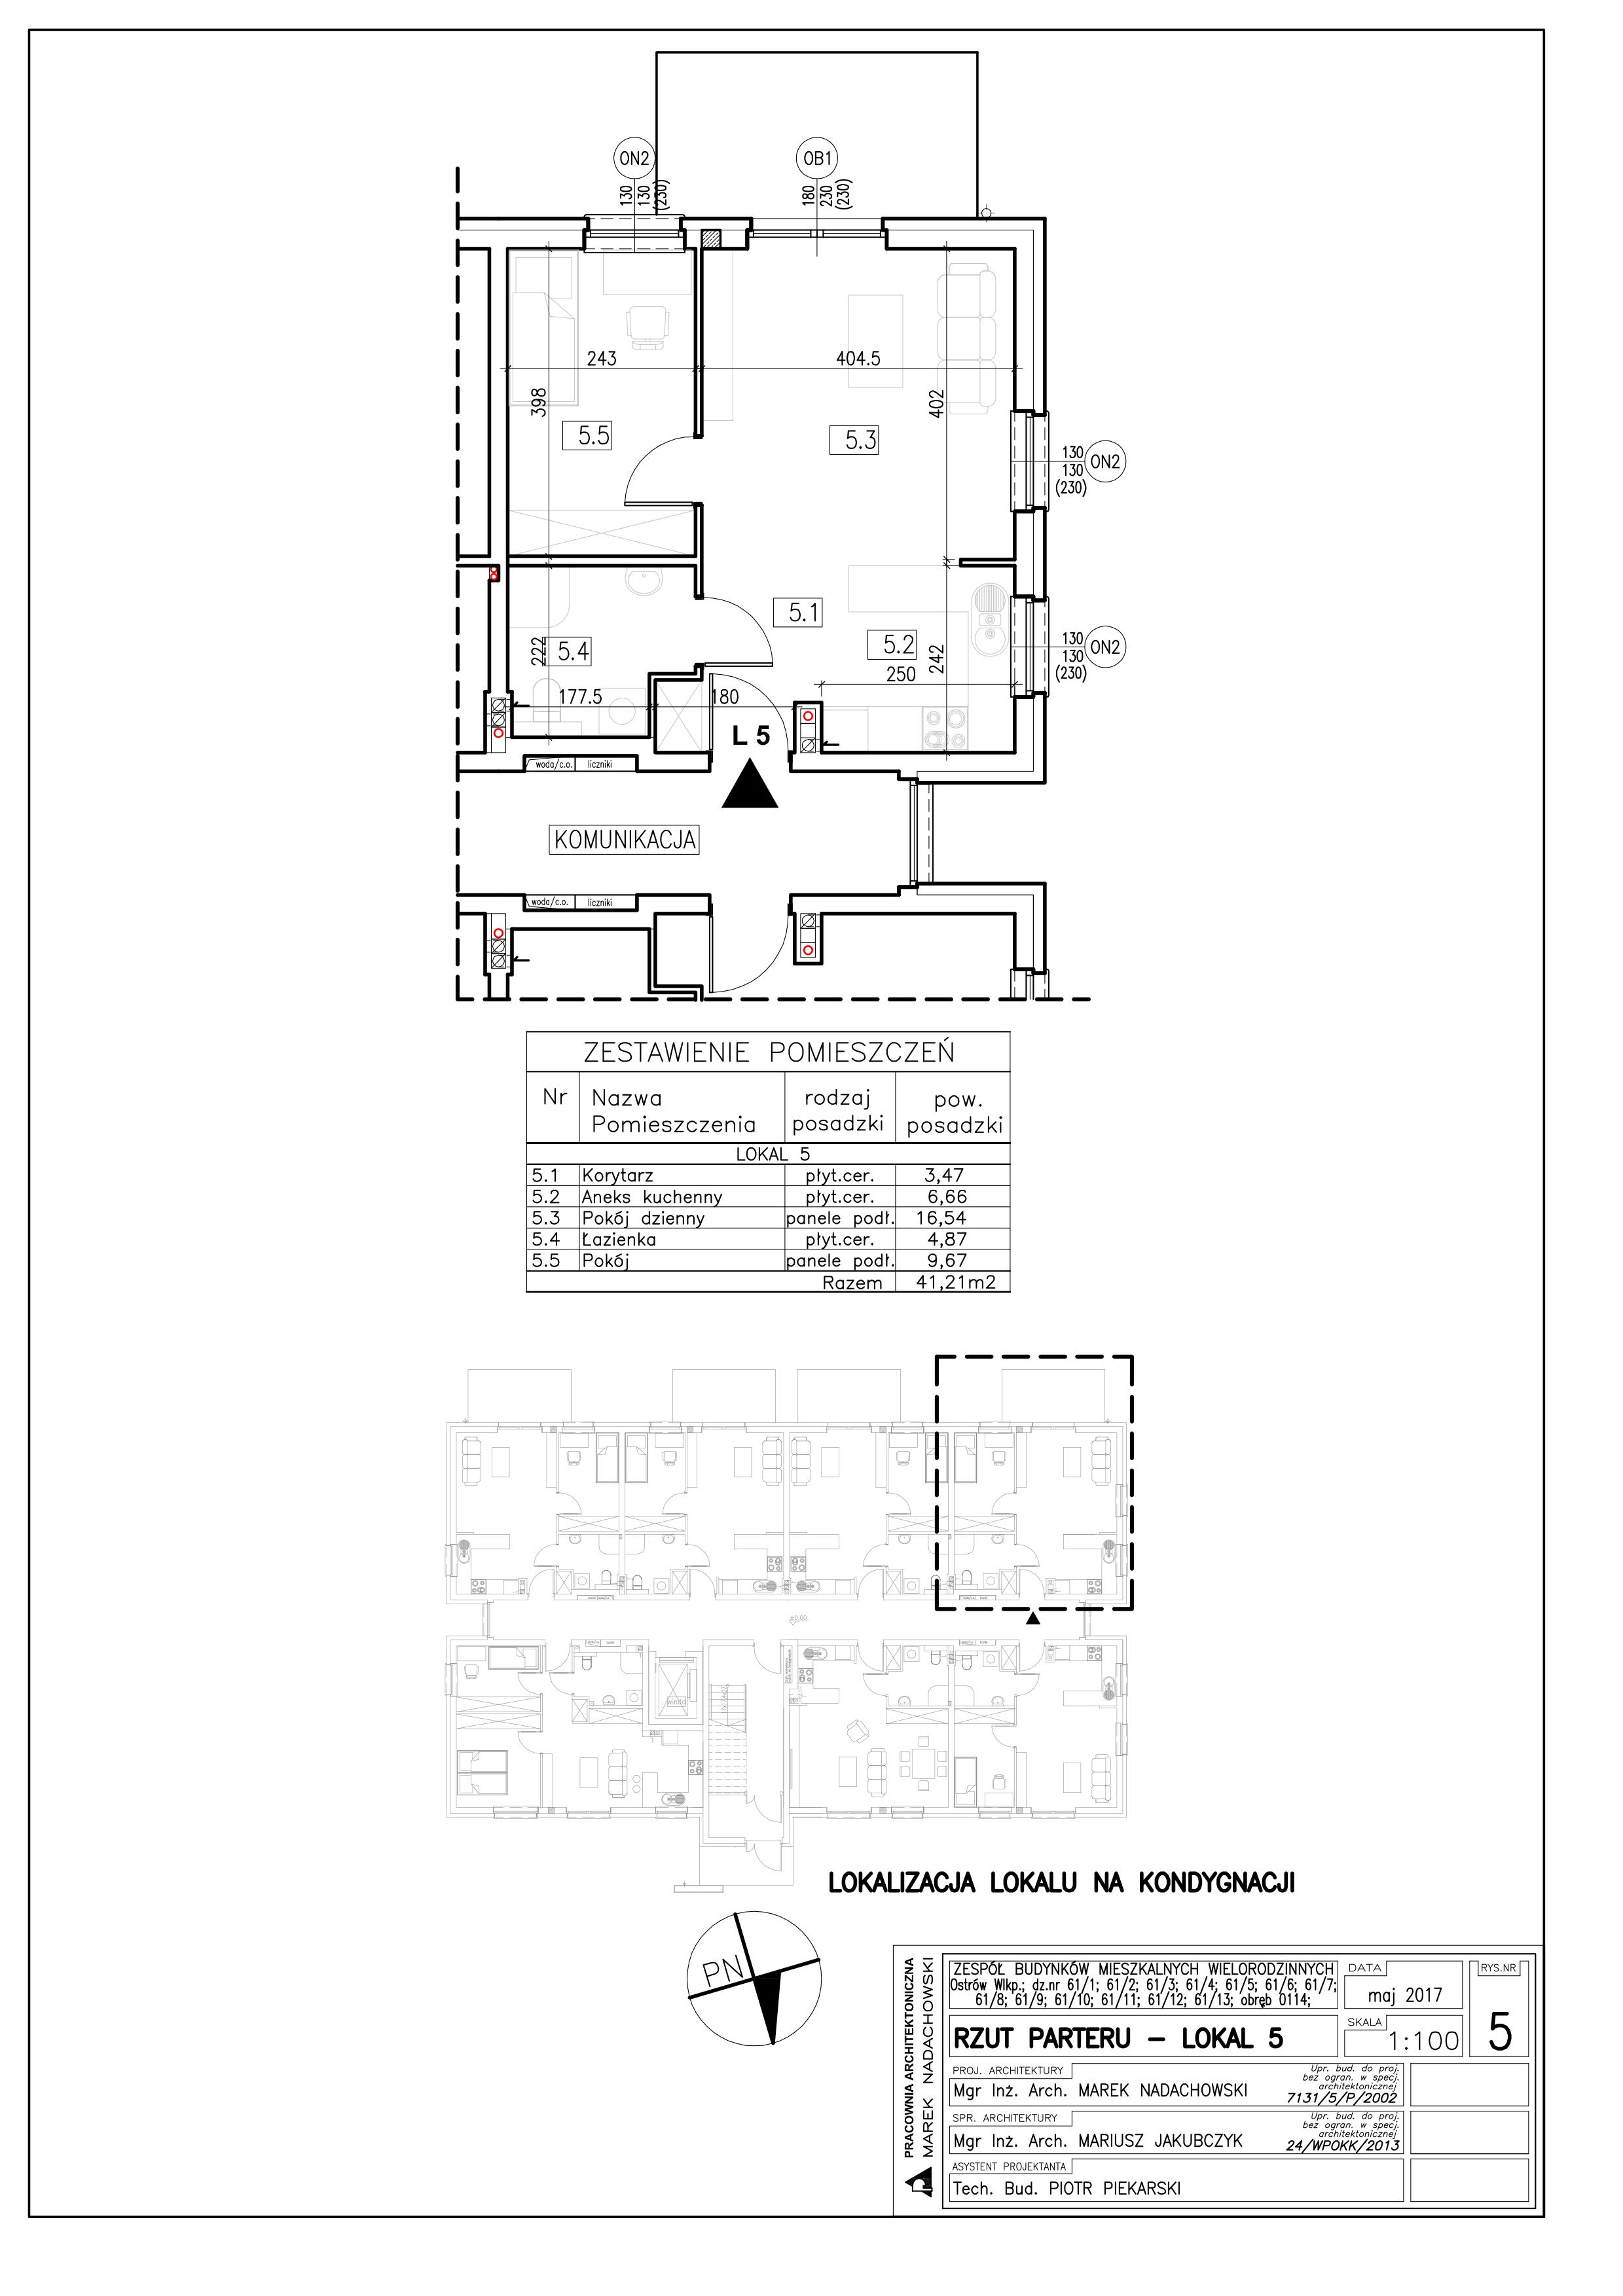 Lokal nr 5 Powierzchnia: 41,21 m2